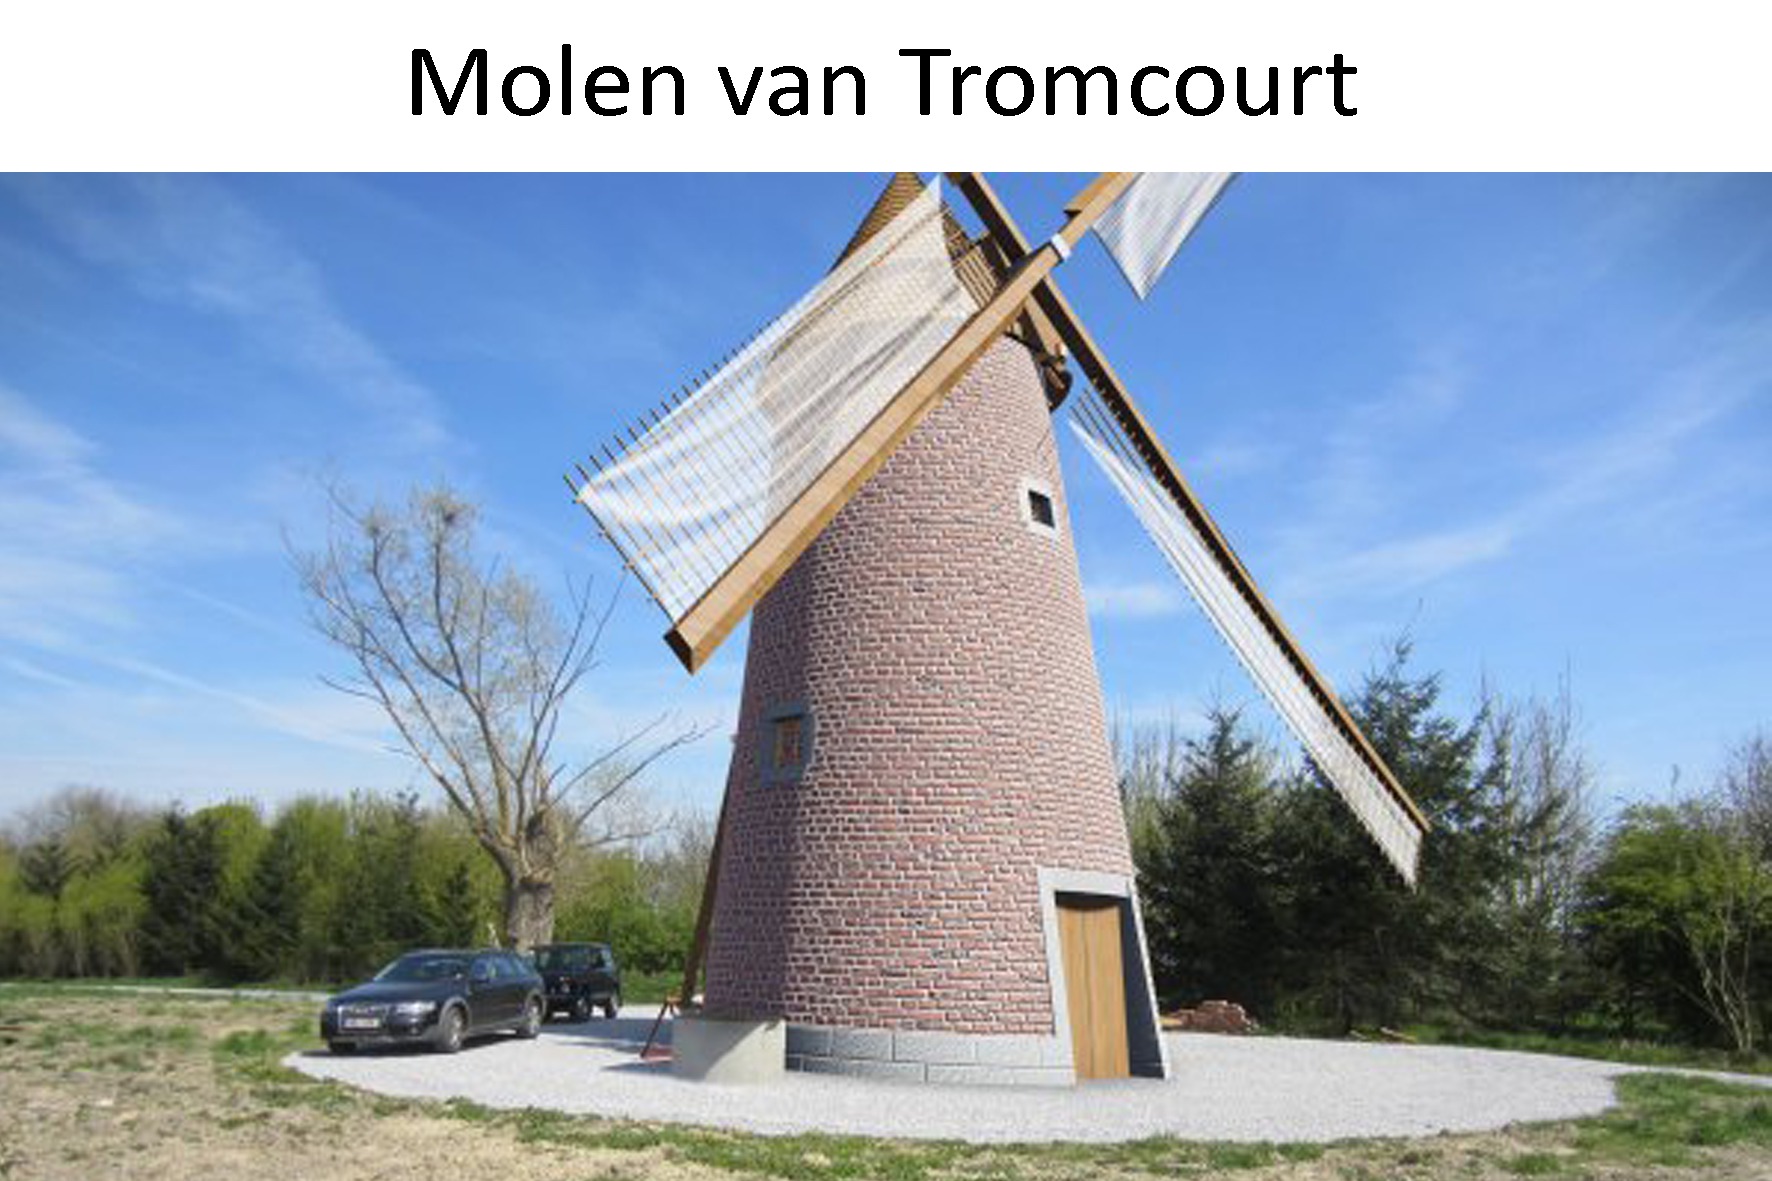 Molen van Tromcourt